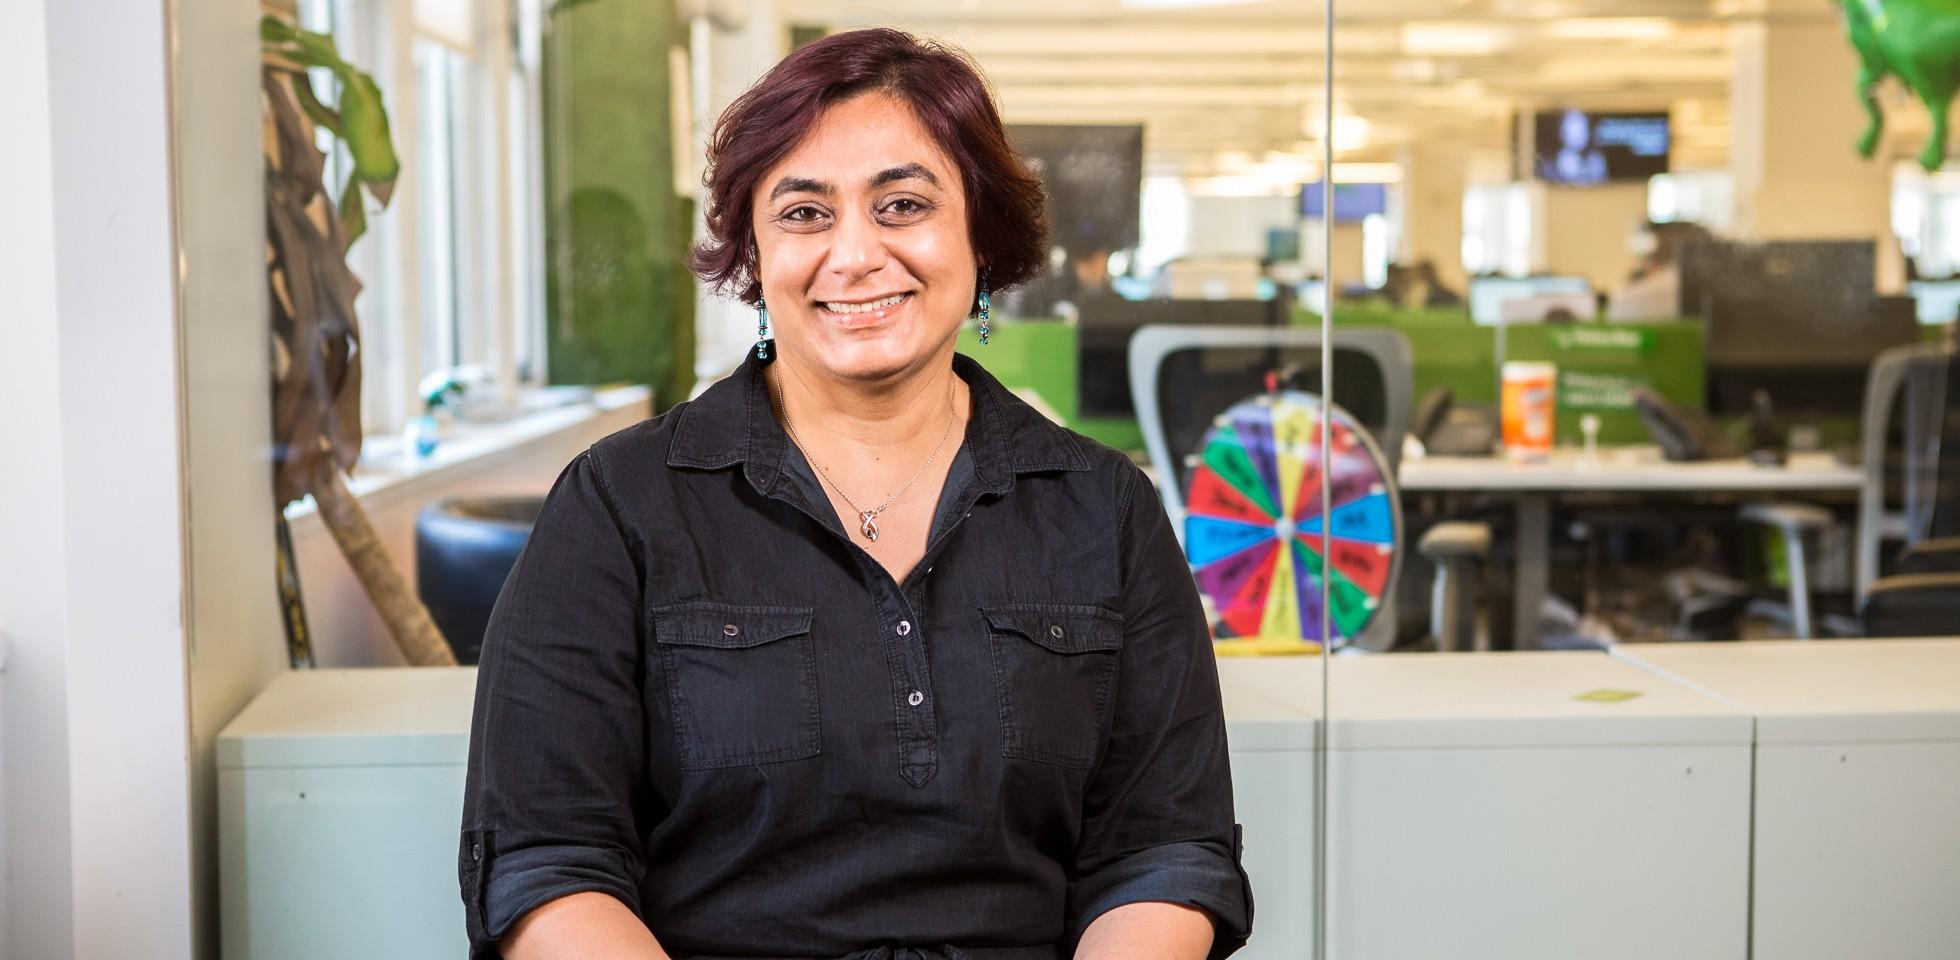 Neetu Rajpal, VP of Engineering - Conductor Careers